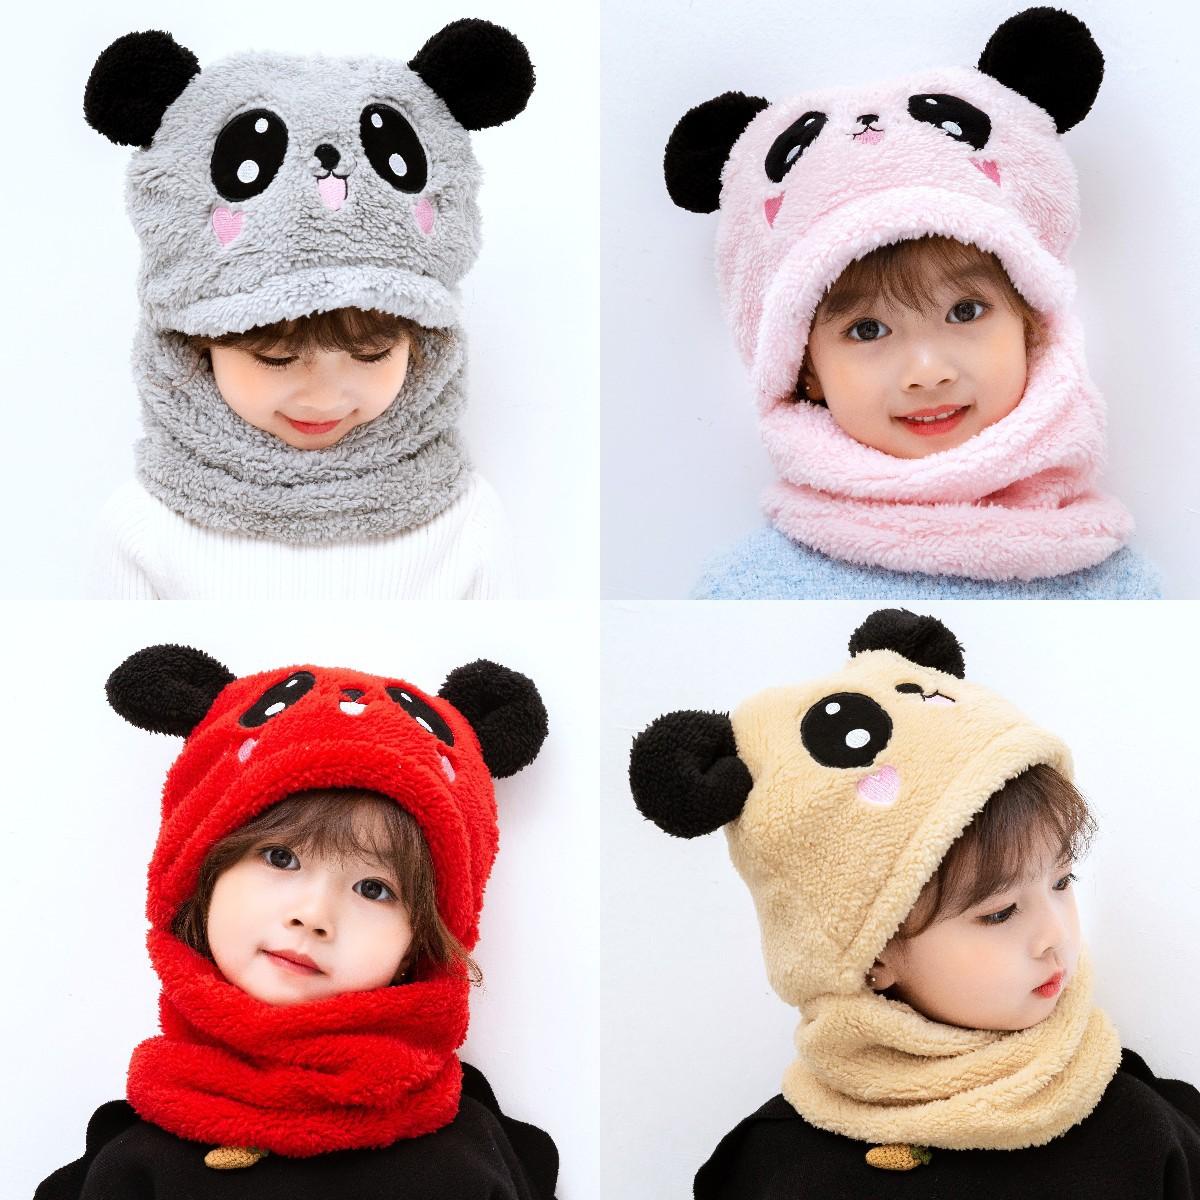 儿童帽子秋冬帽围脖一体护耳帽加厚宝宝男女童成人毛绒耳朵棉抖音